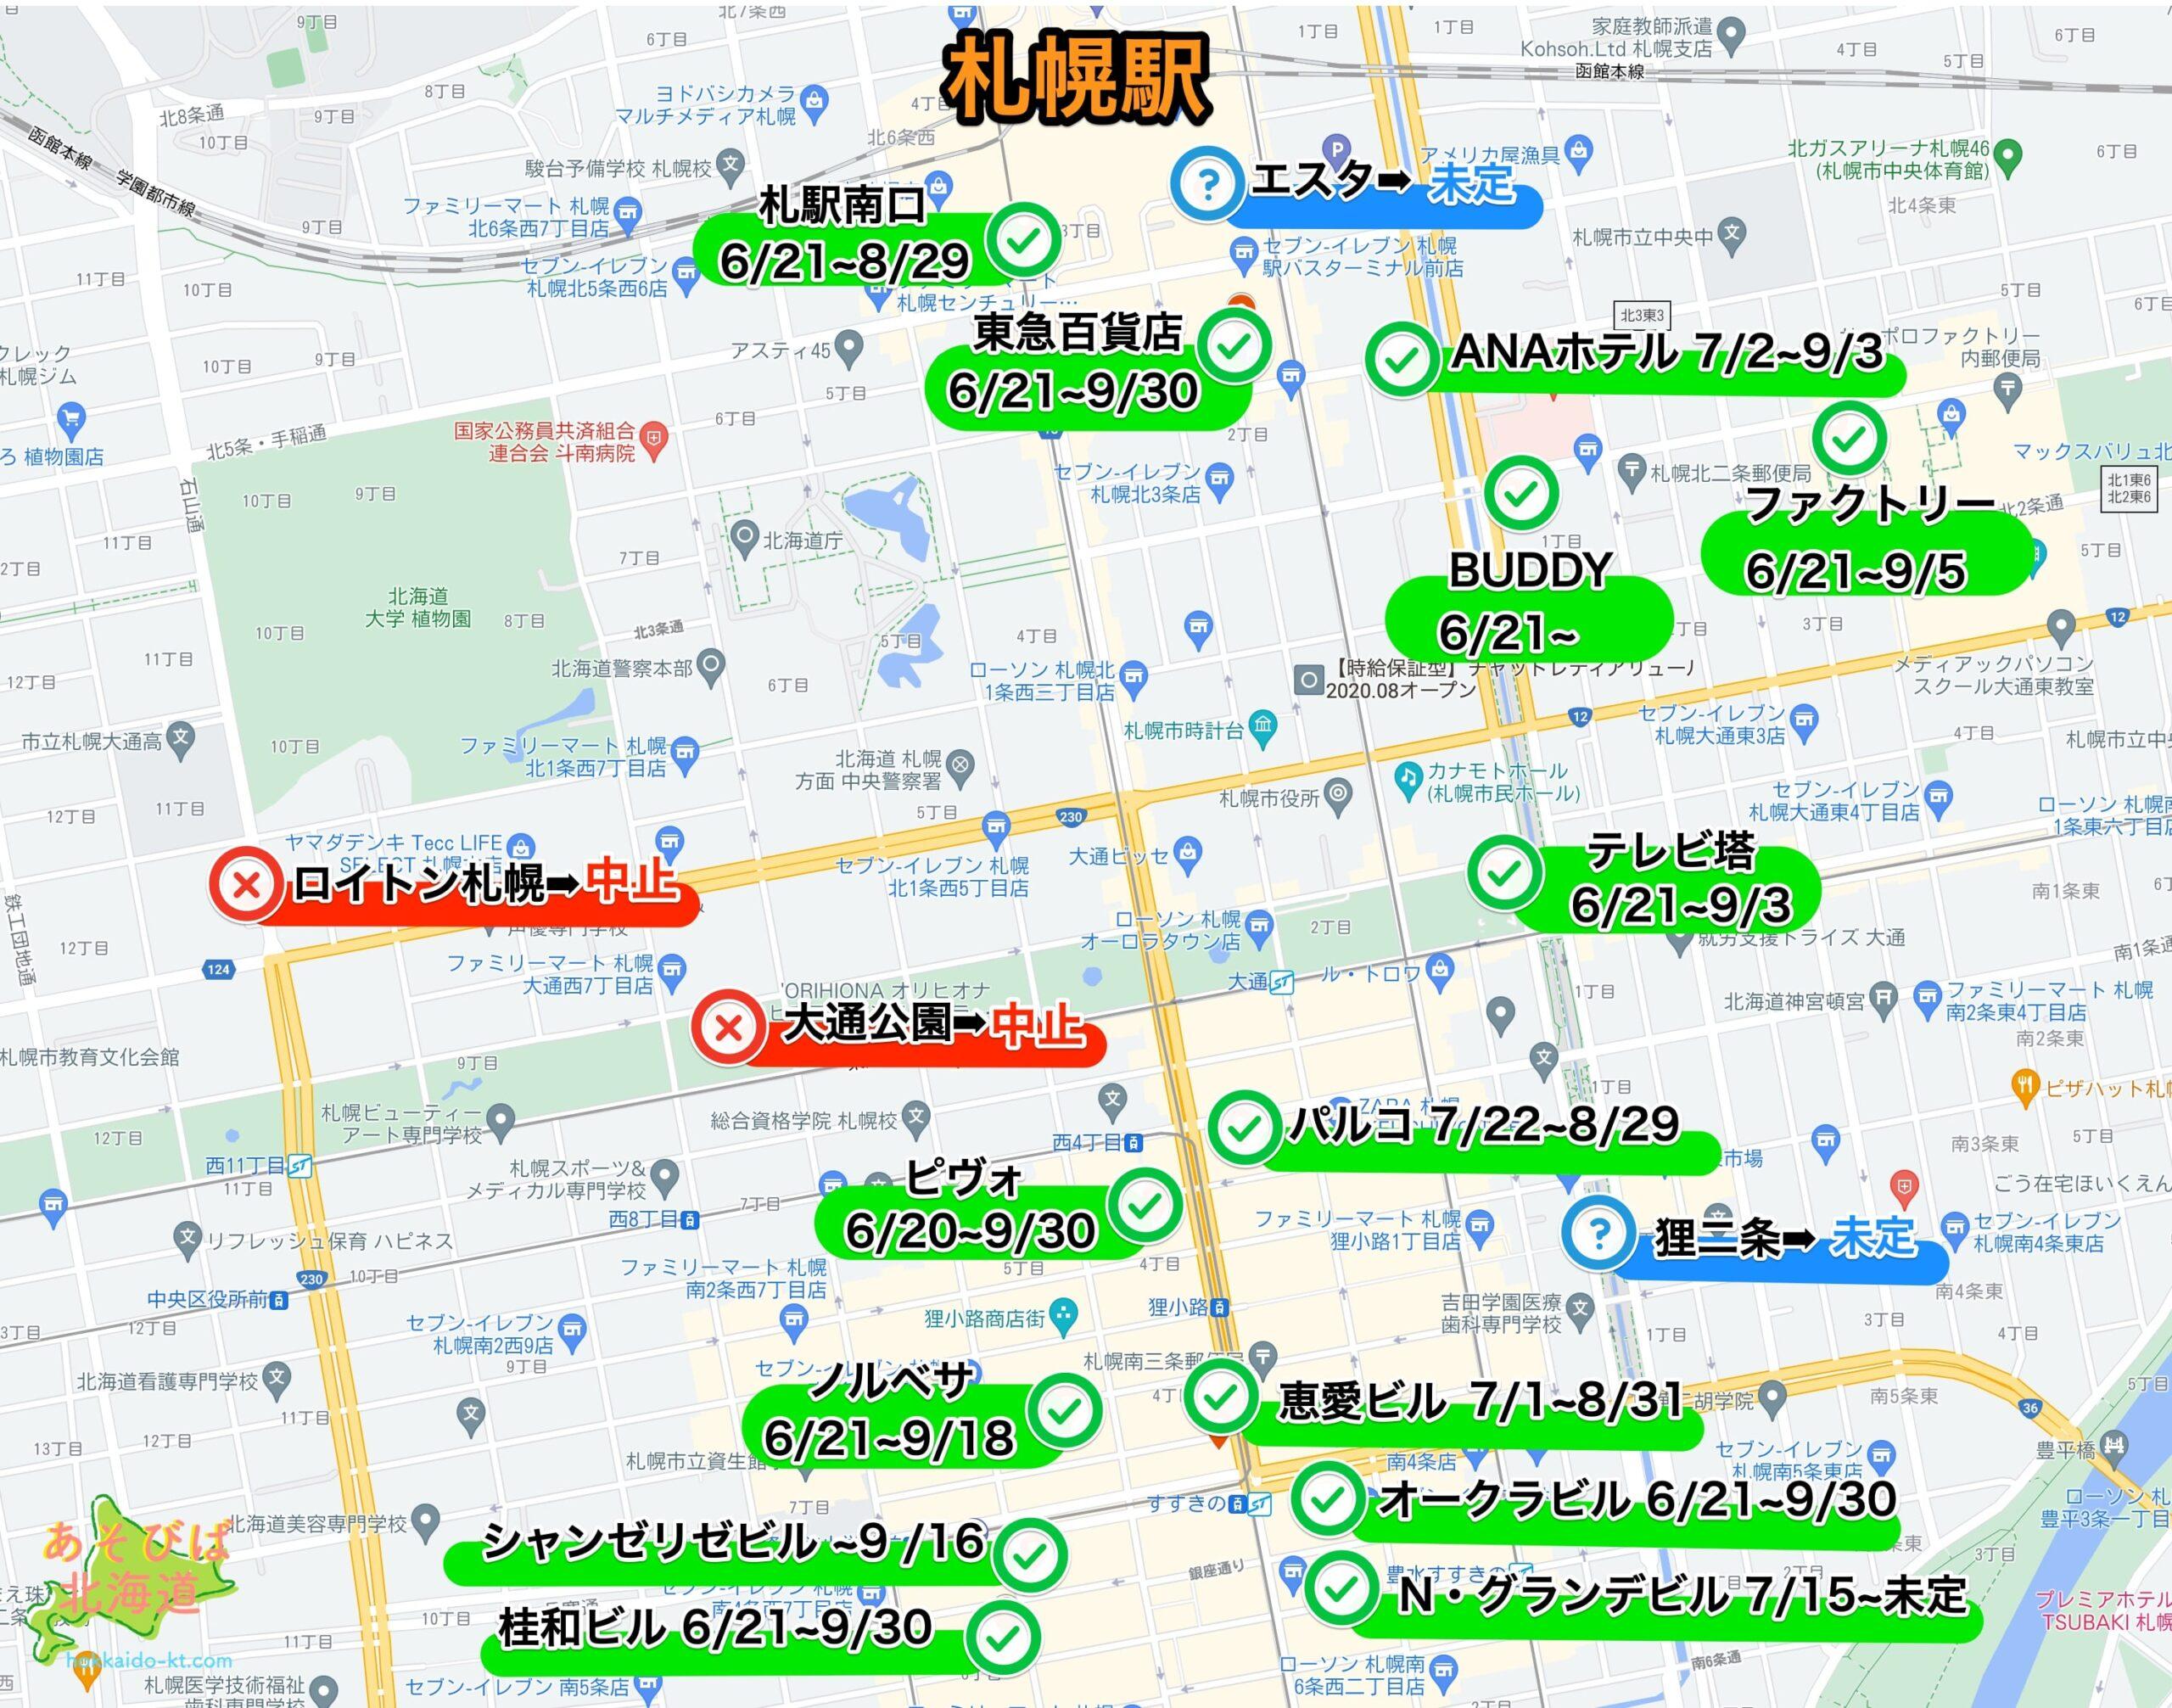 2021最新札幌ビアガーデンMAP